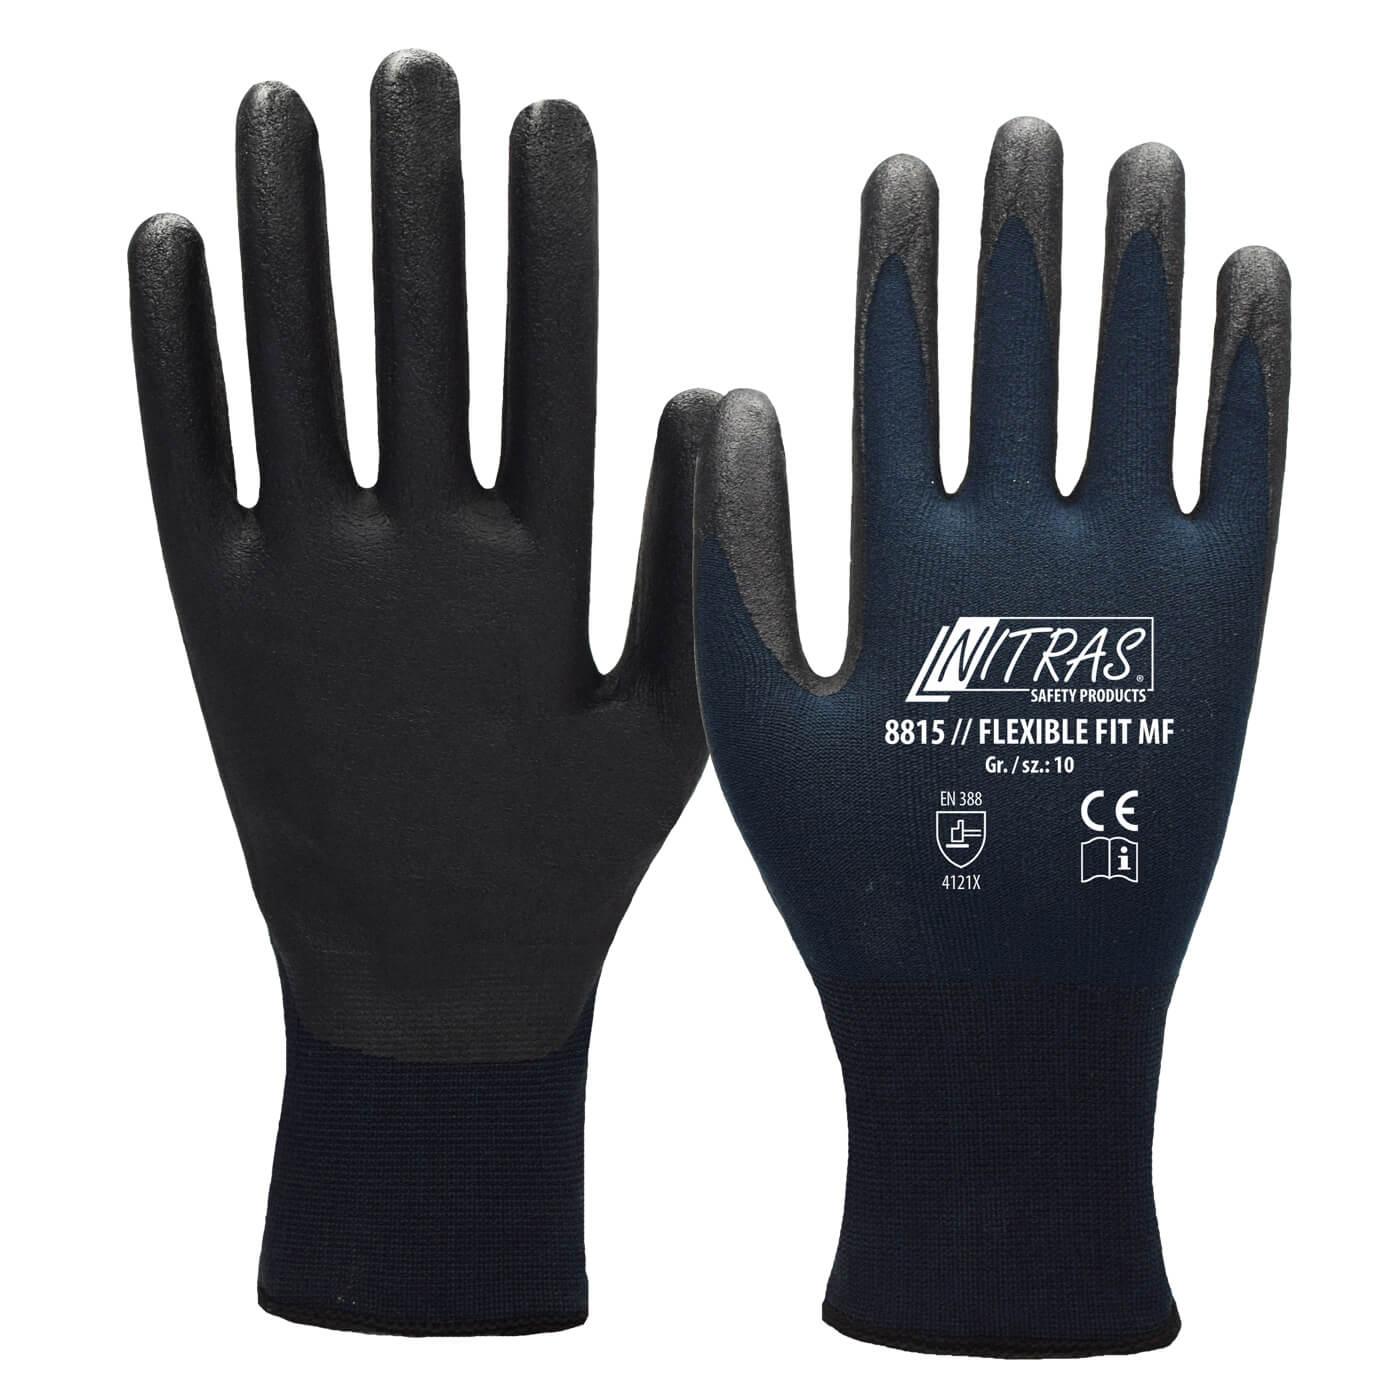 Rękawice montażowe Nitras 8815/ FLEXIBLE FIT MF